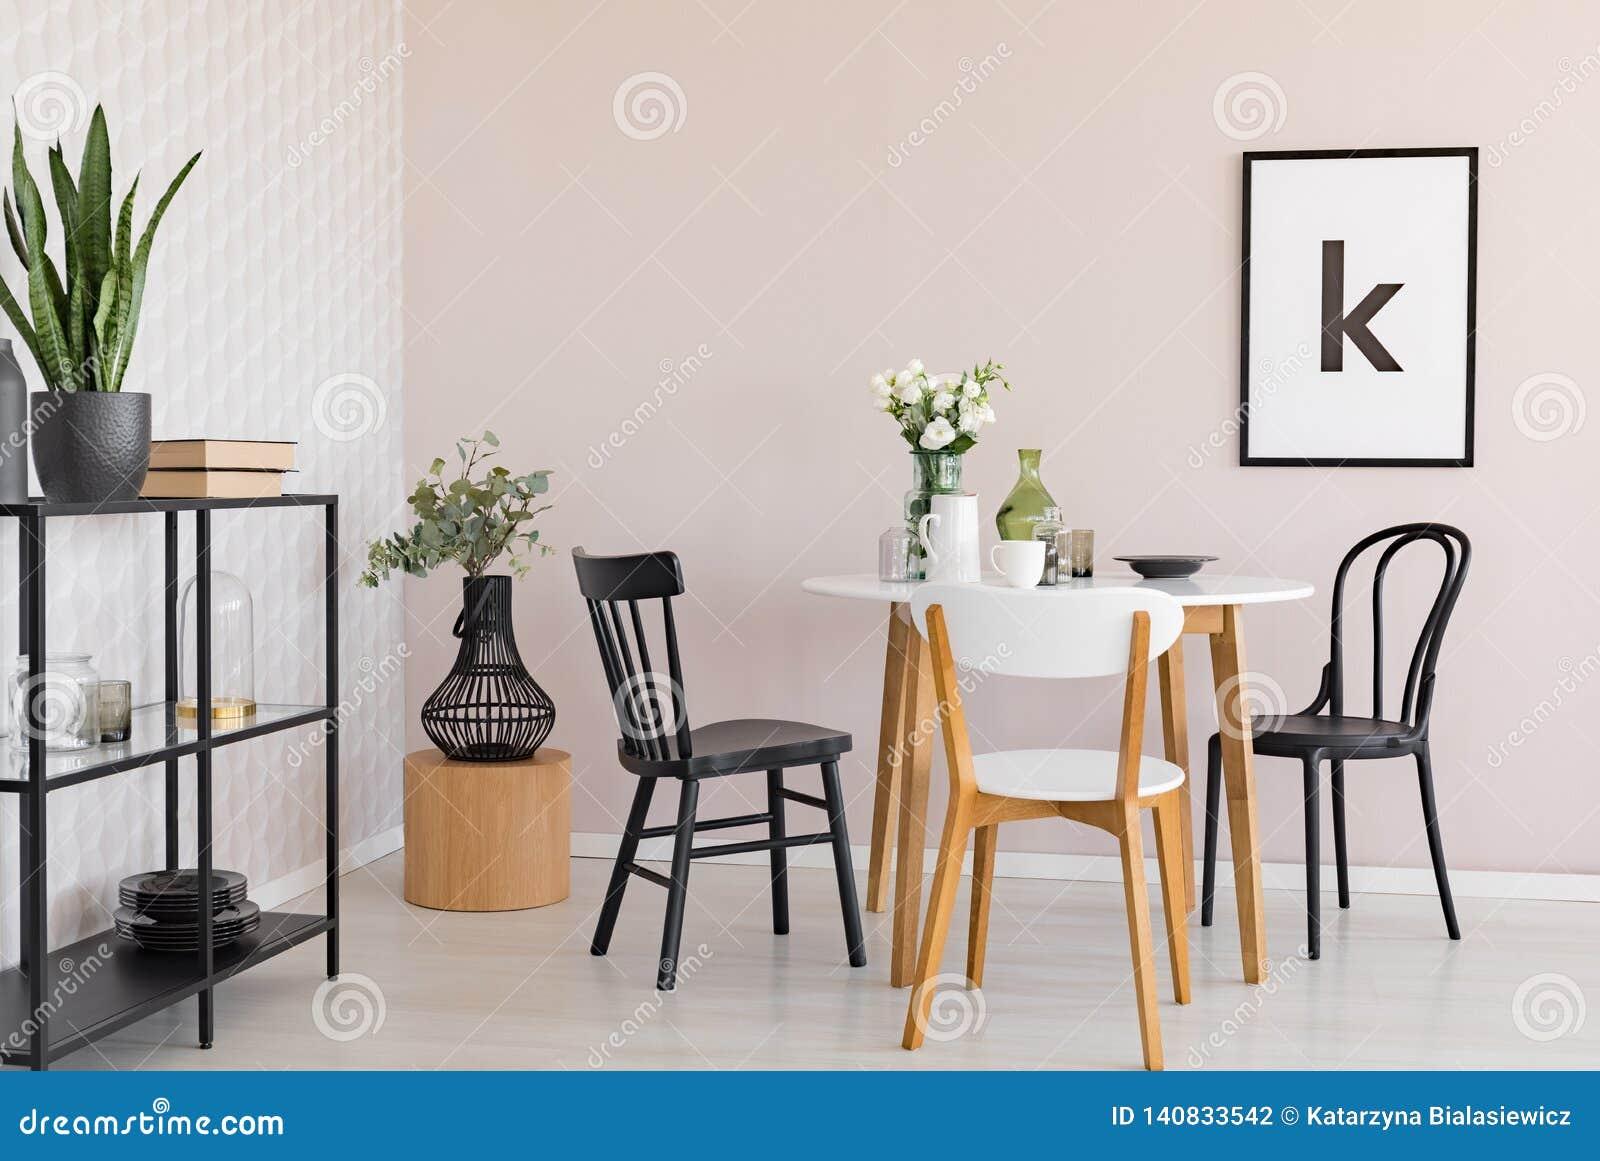 Stoelen bij houten lijst met bloemen in eetkamerbinnenland met installaties en affiche Echte foto